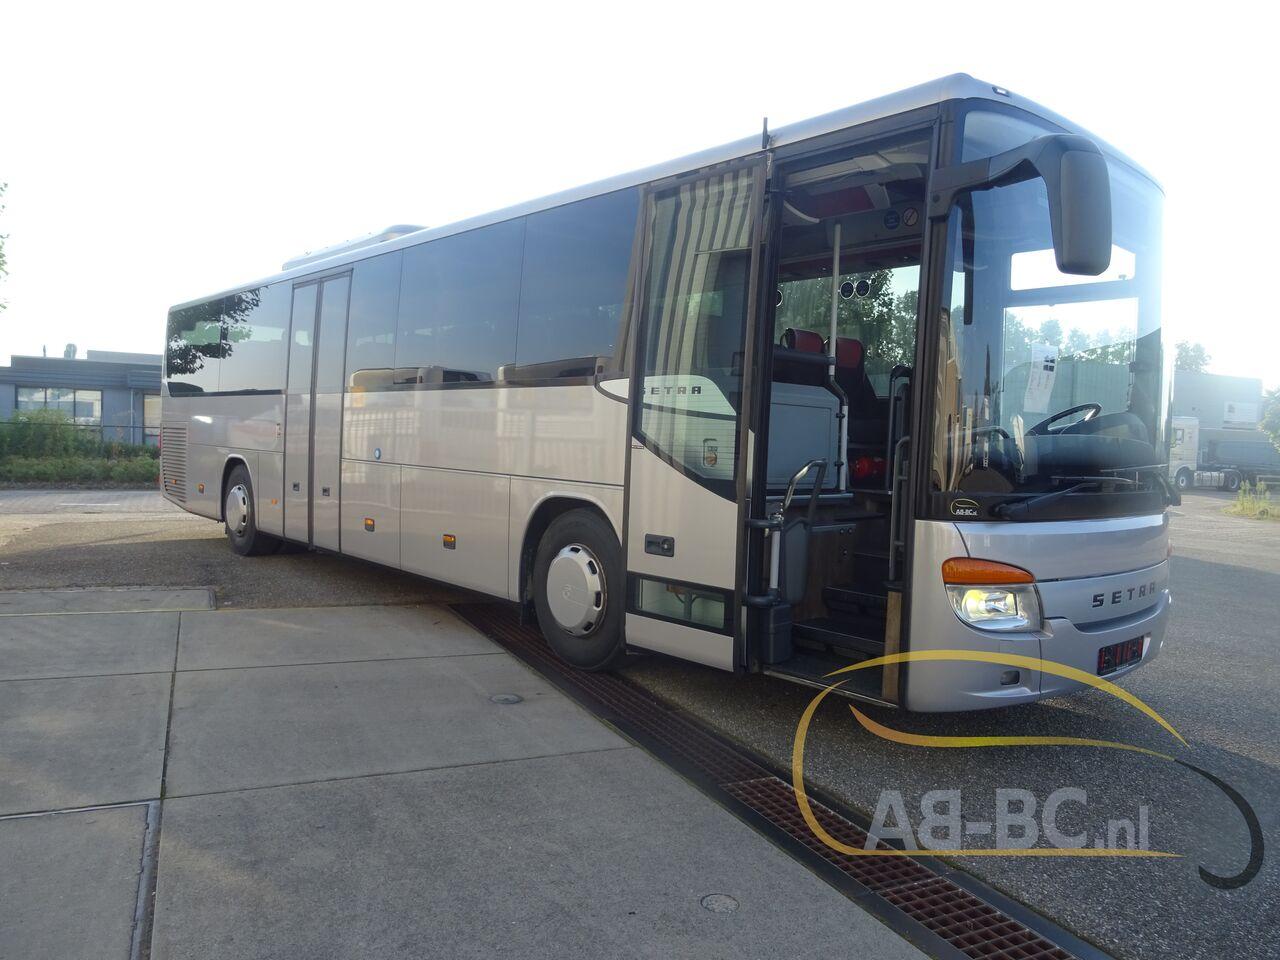 coach-bus-SETRA-S415H-52-Seats-EURO-6-Liftbus---1630913092794746146_big_cbb87dbb8d778f71c06dab81c99ad804--21070517141280735500